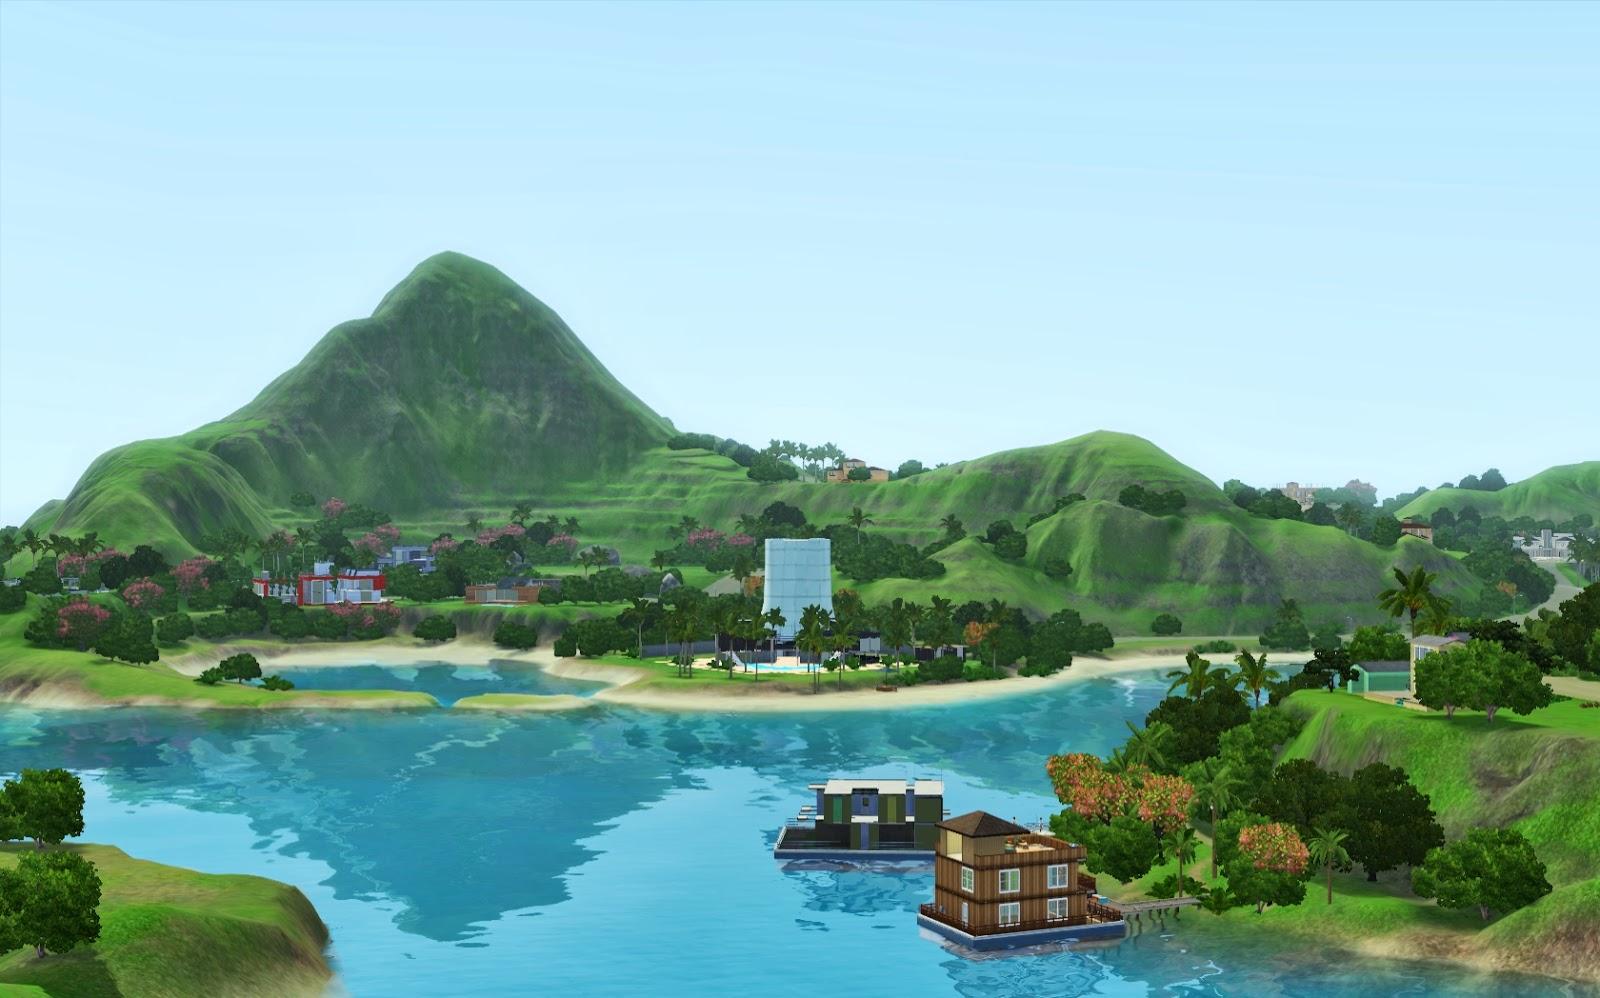 Výsledek obrázku pro the sims 3 island paradise